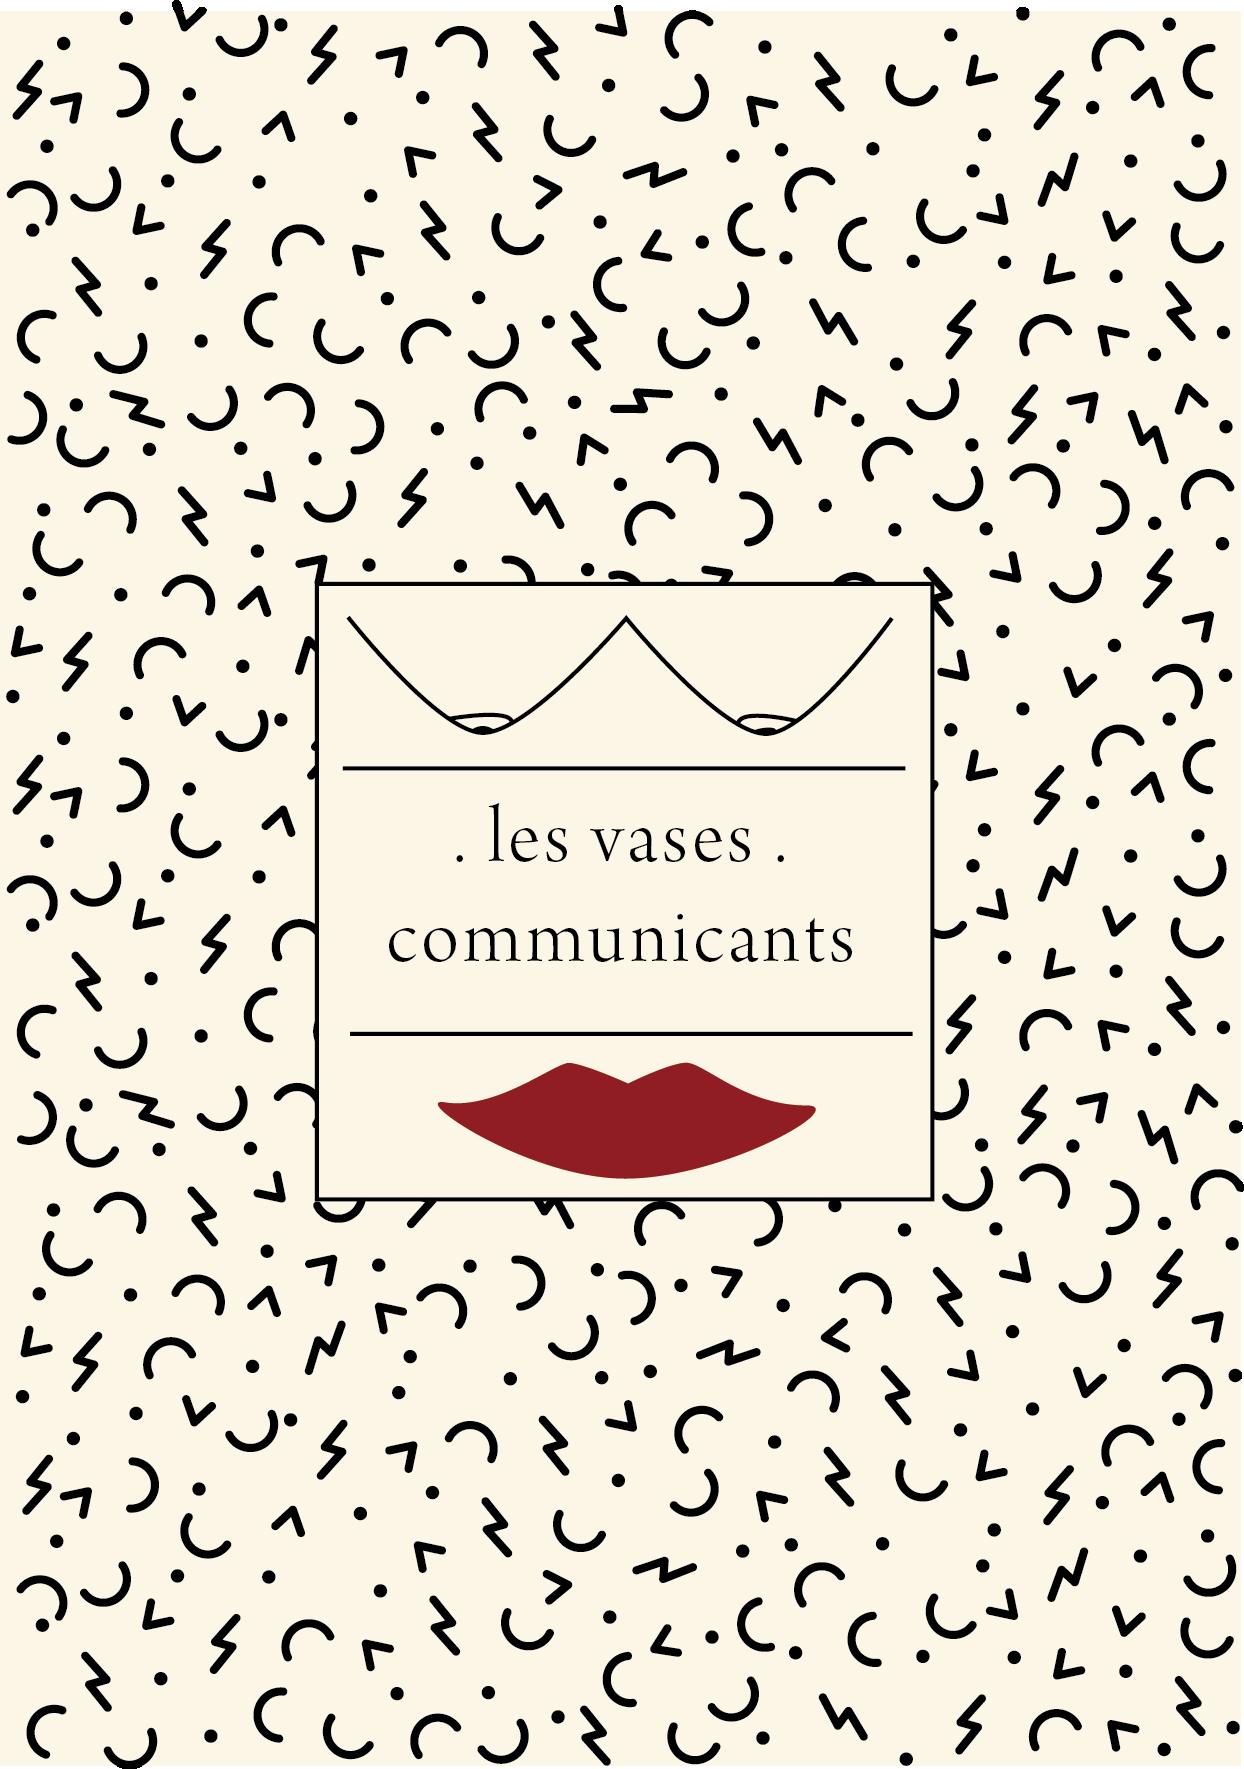 Couverture de l'oeuvre poétique et essai d'André Breton, Les vases communicants, 1932